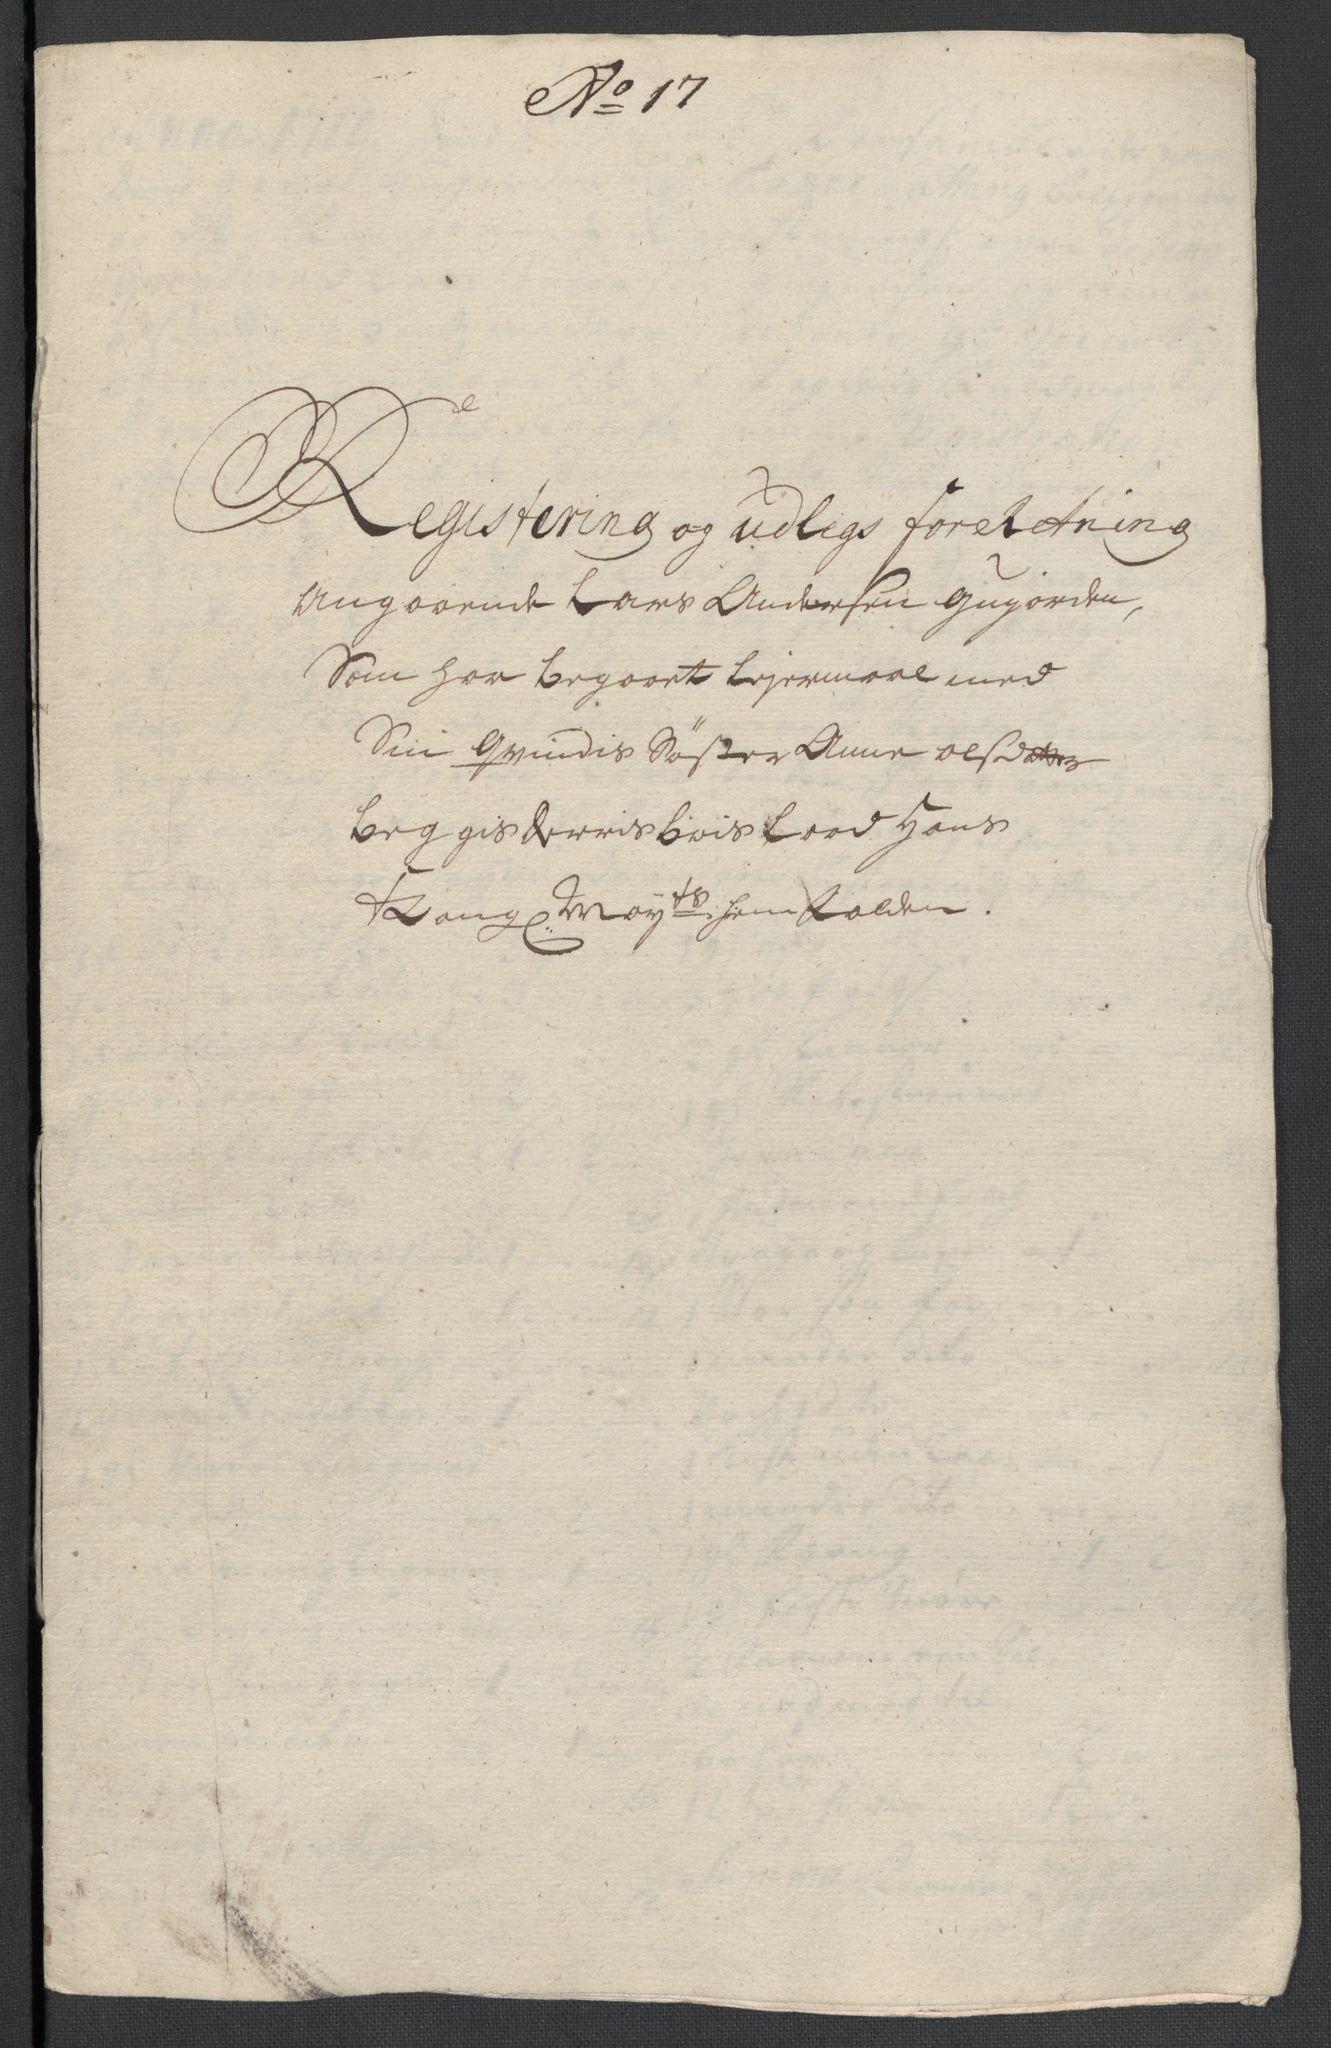 RA, Rentekammeret inntil 1814, Reviderte regnskaper, Fogderegnskap, R55/L3660: Fogderegnskap Romsdal, 1711, s. 348